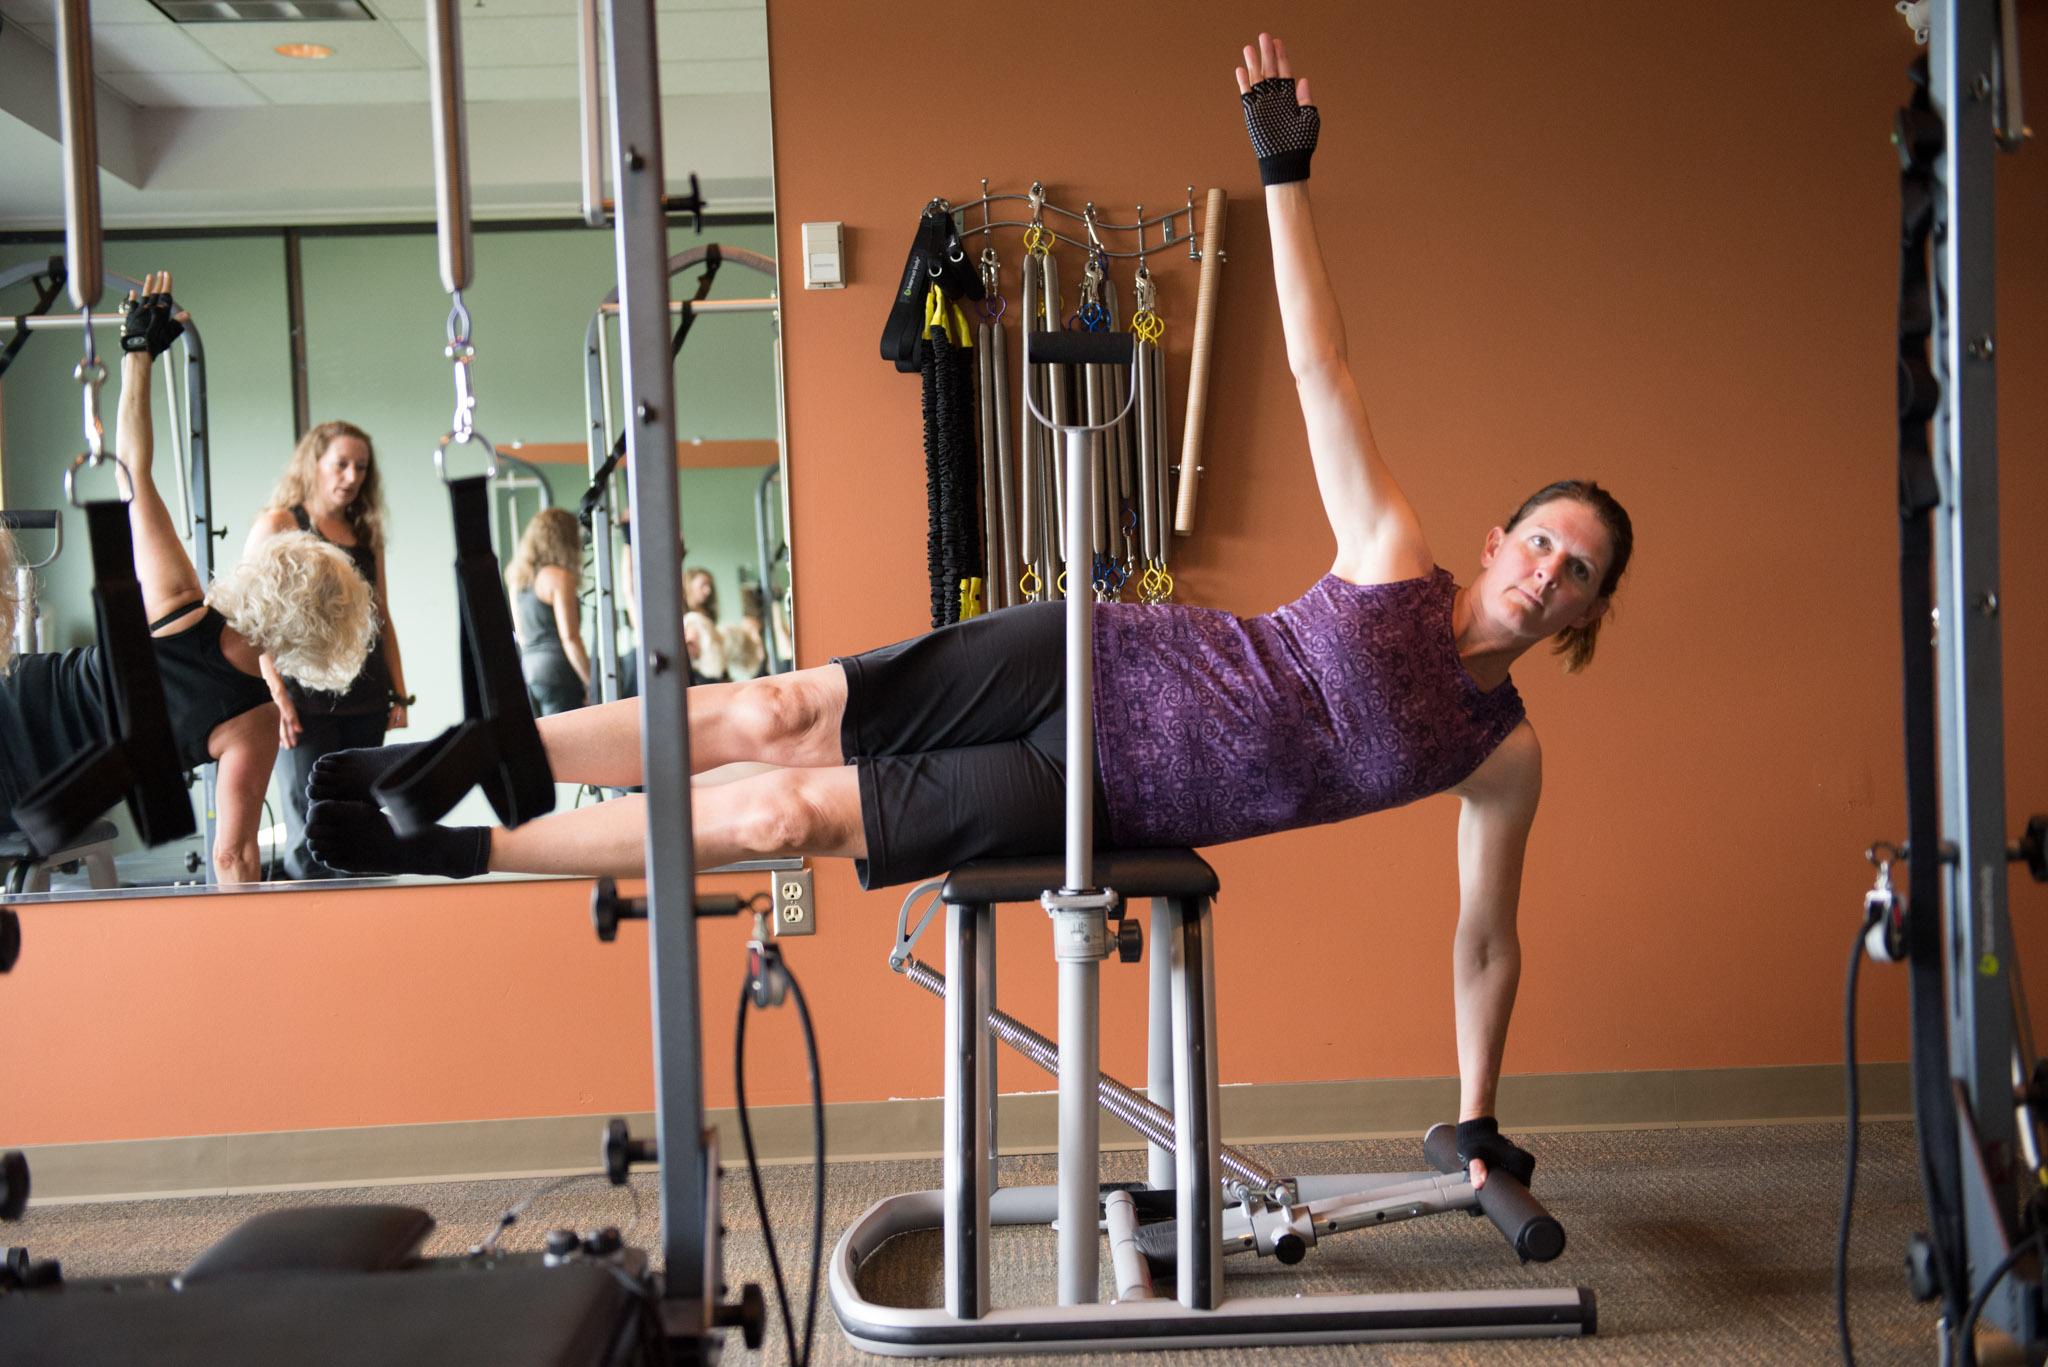 Wellness Center Stock Photos-1458.jpg